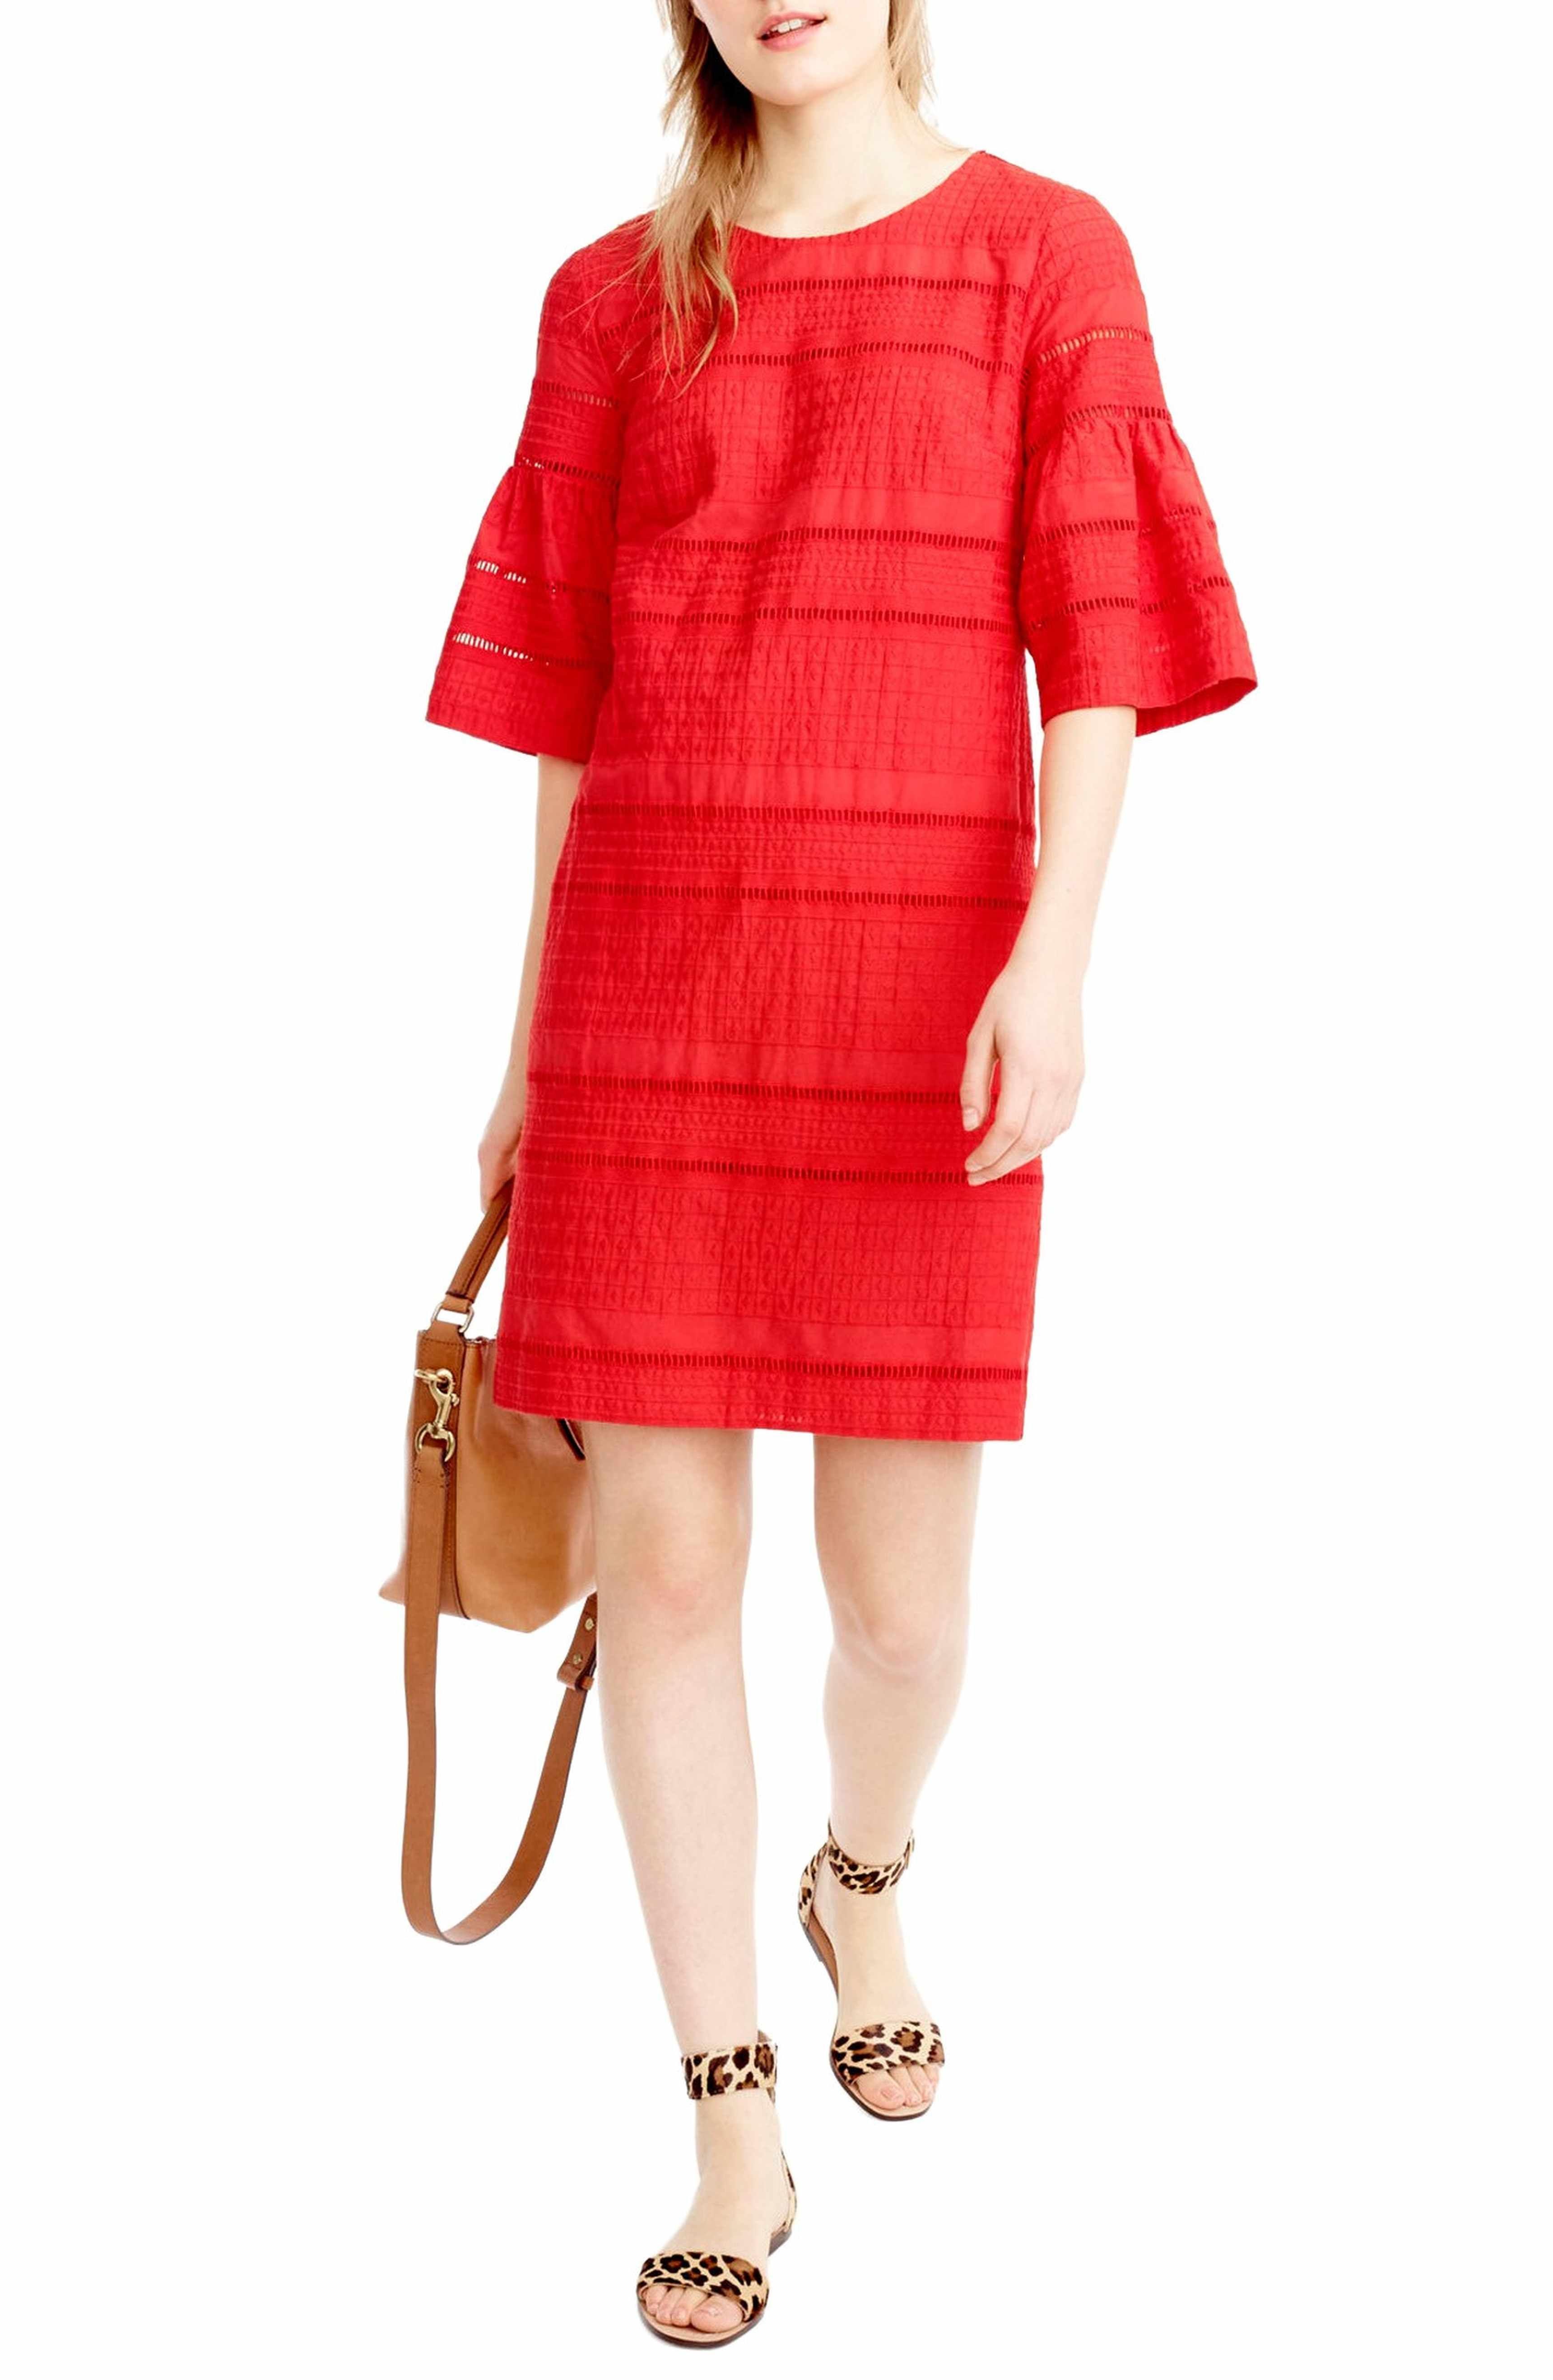 J Crew Flutter Sleeve Eyelet Shift Dress Regular Petite Nordstrom Shift Dress Short Sleeve Dresses Jcrew Women [ 5272 x 3440 Pixel ]